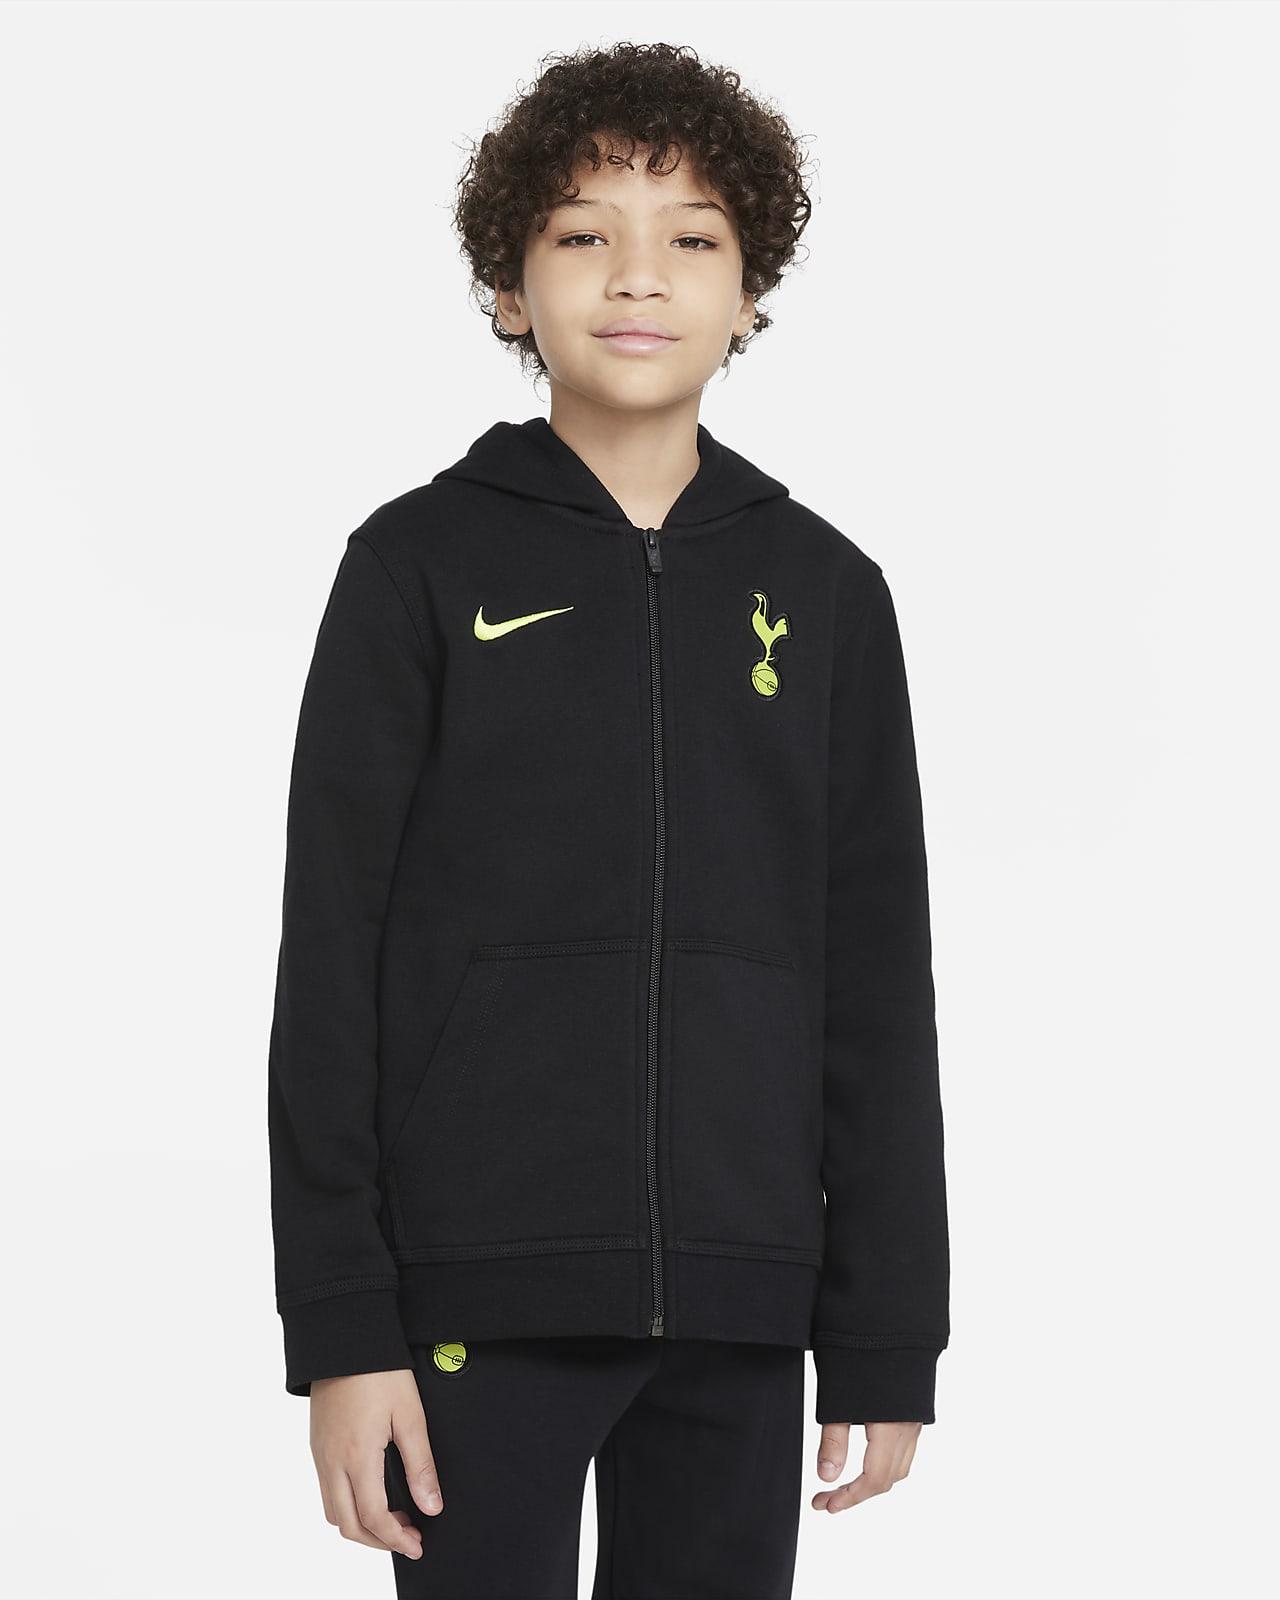 Tottenham Hotspur Older Kids' Full-Zip Fleece Hoodie